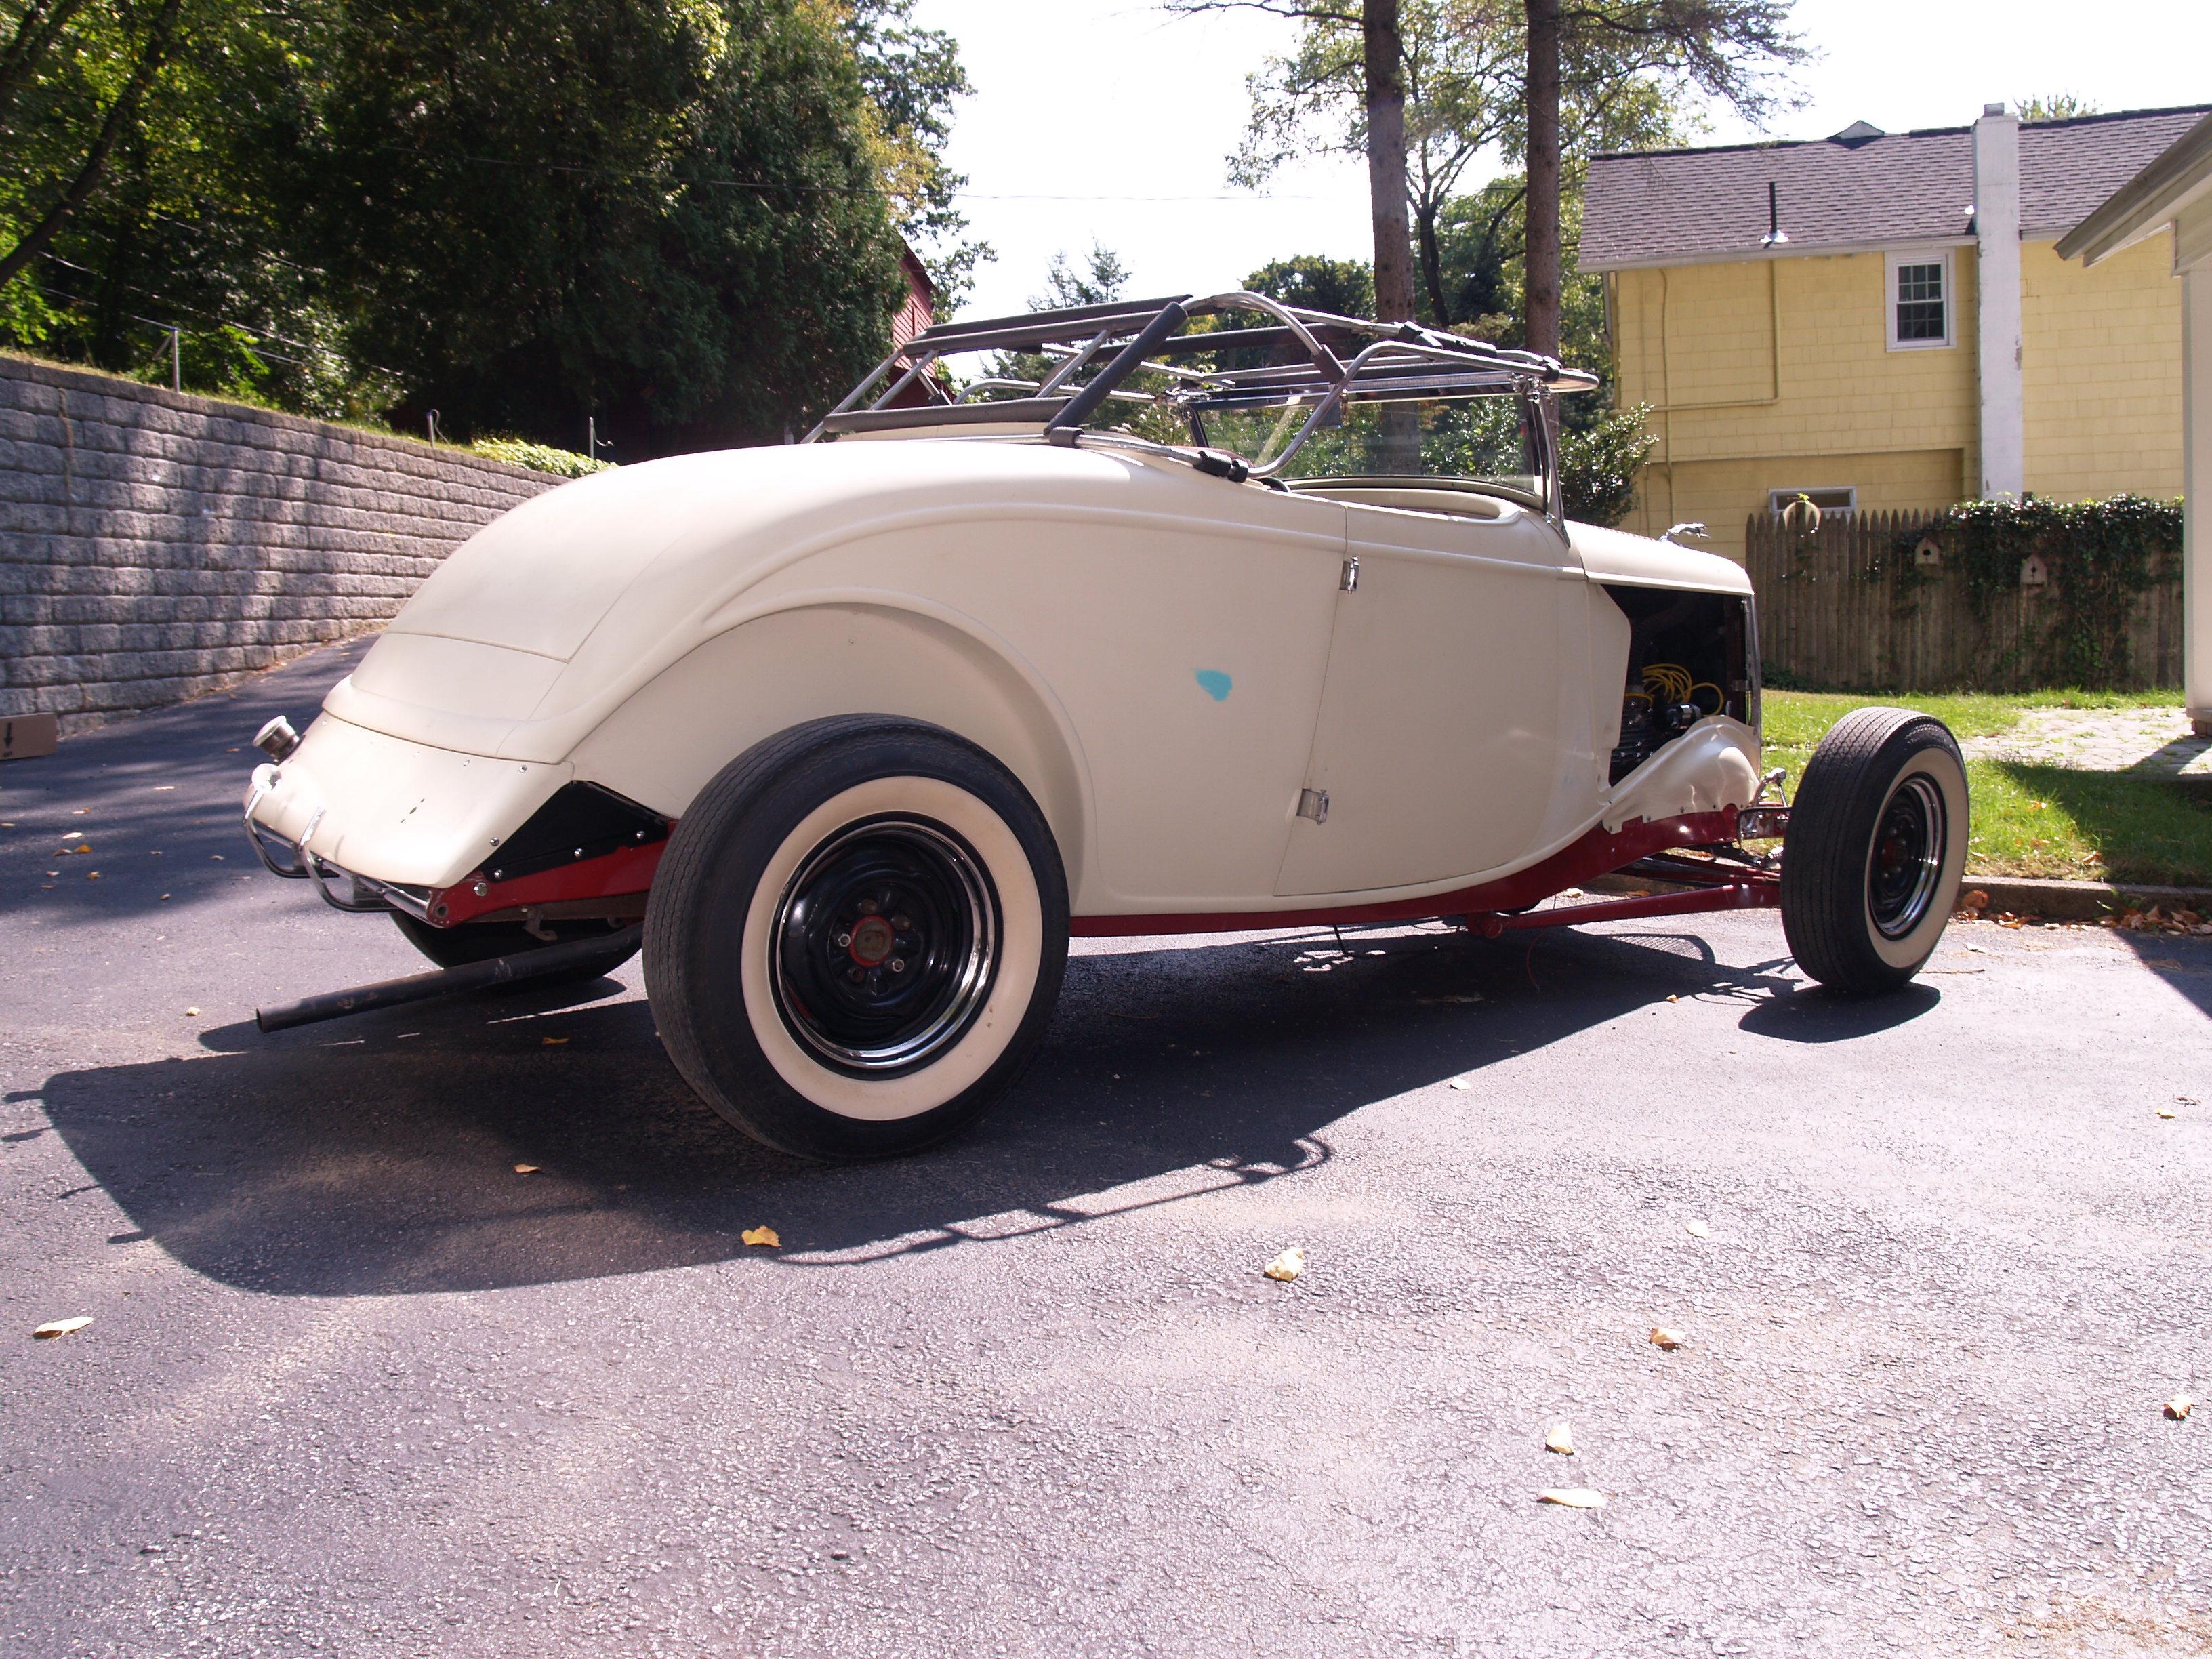 091914-09 1934 Ford Roadster.JPG